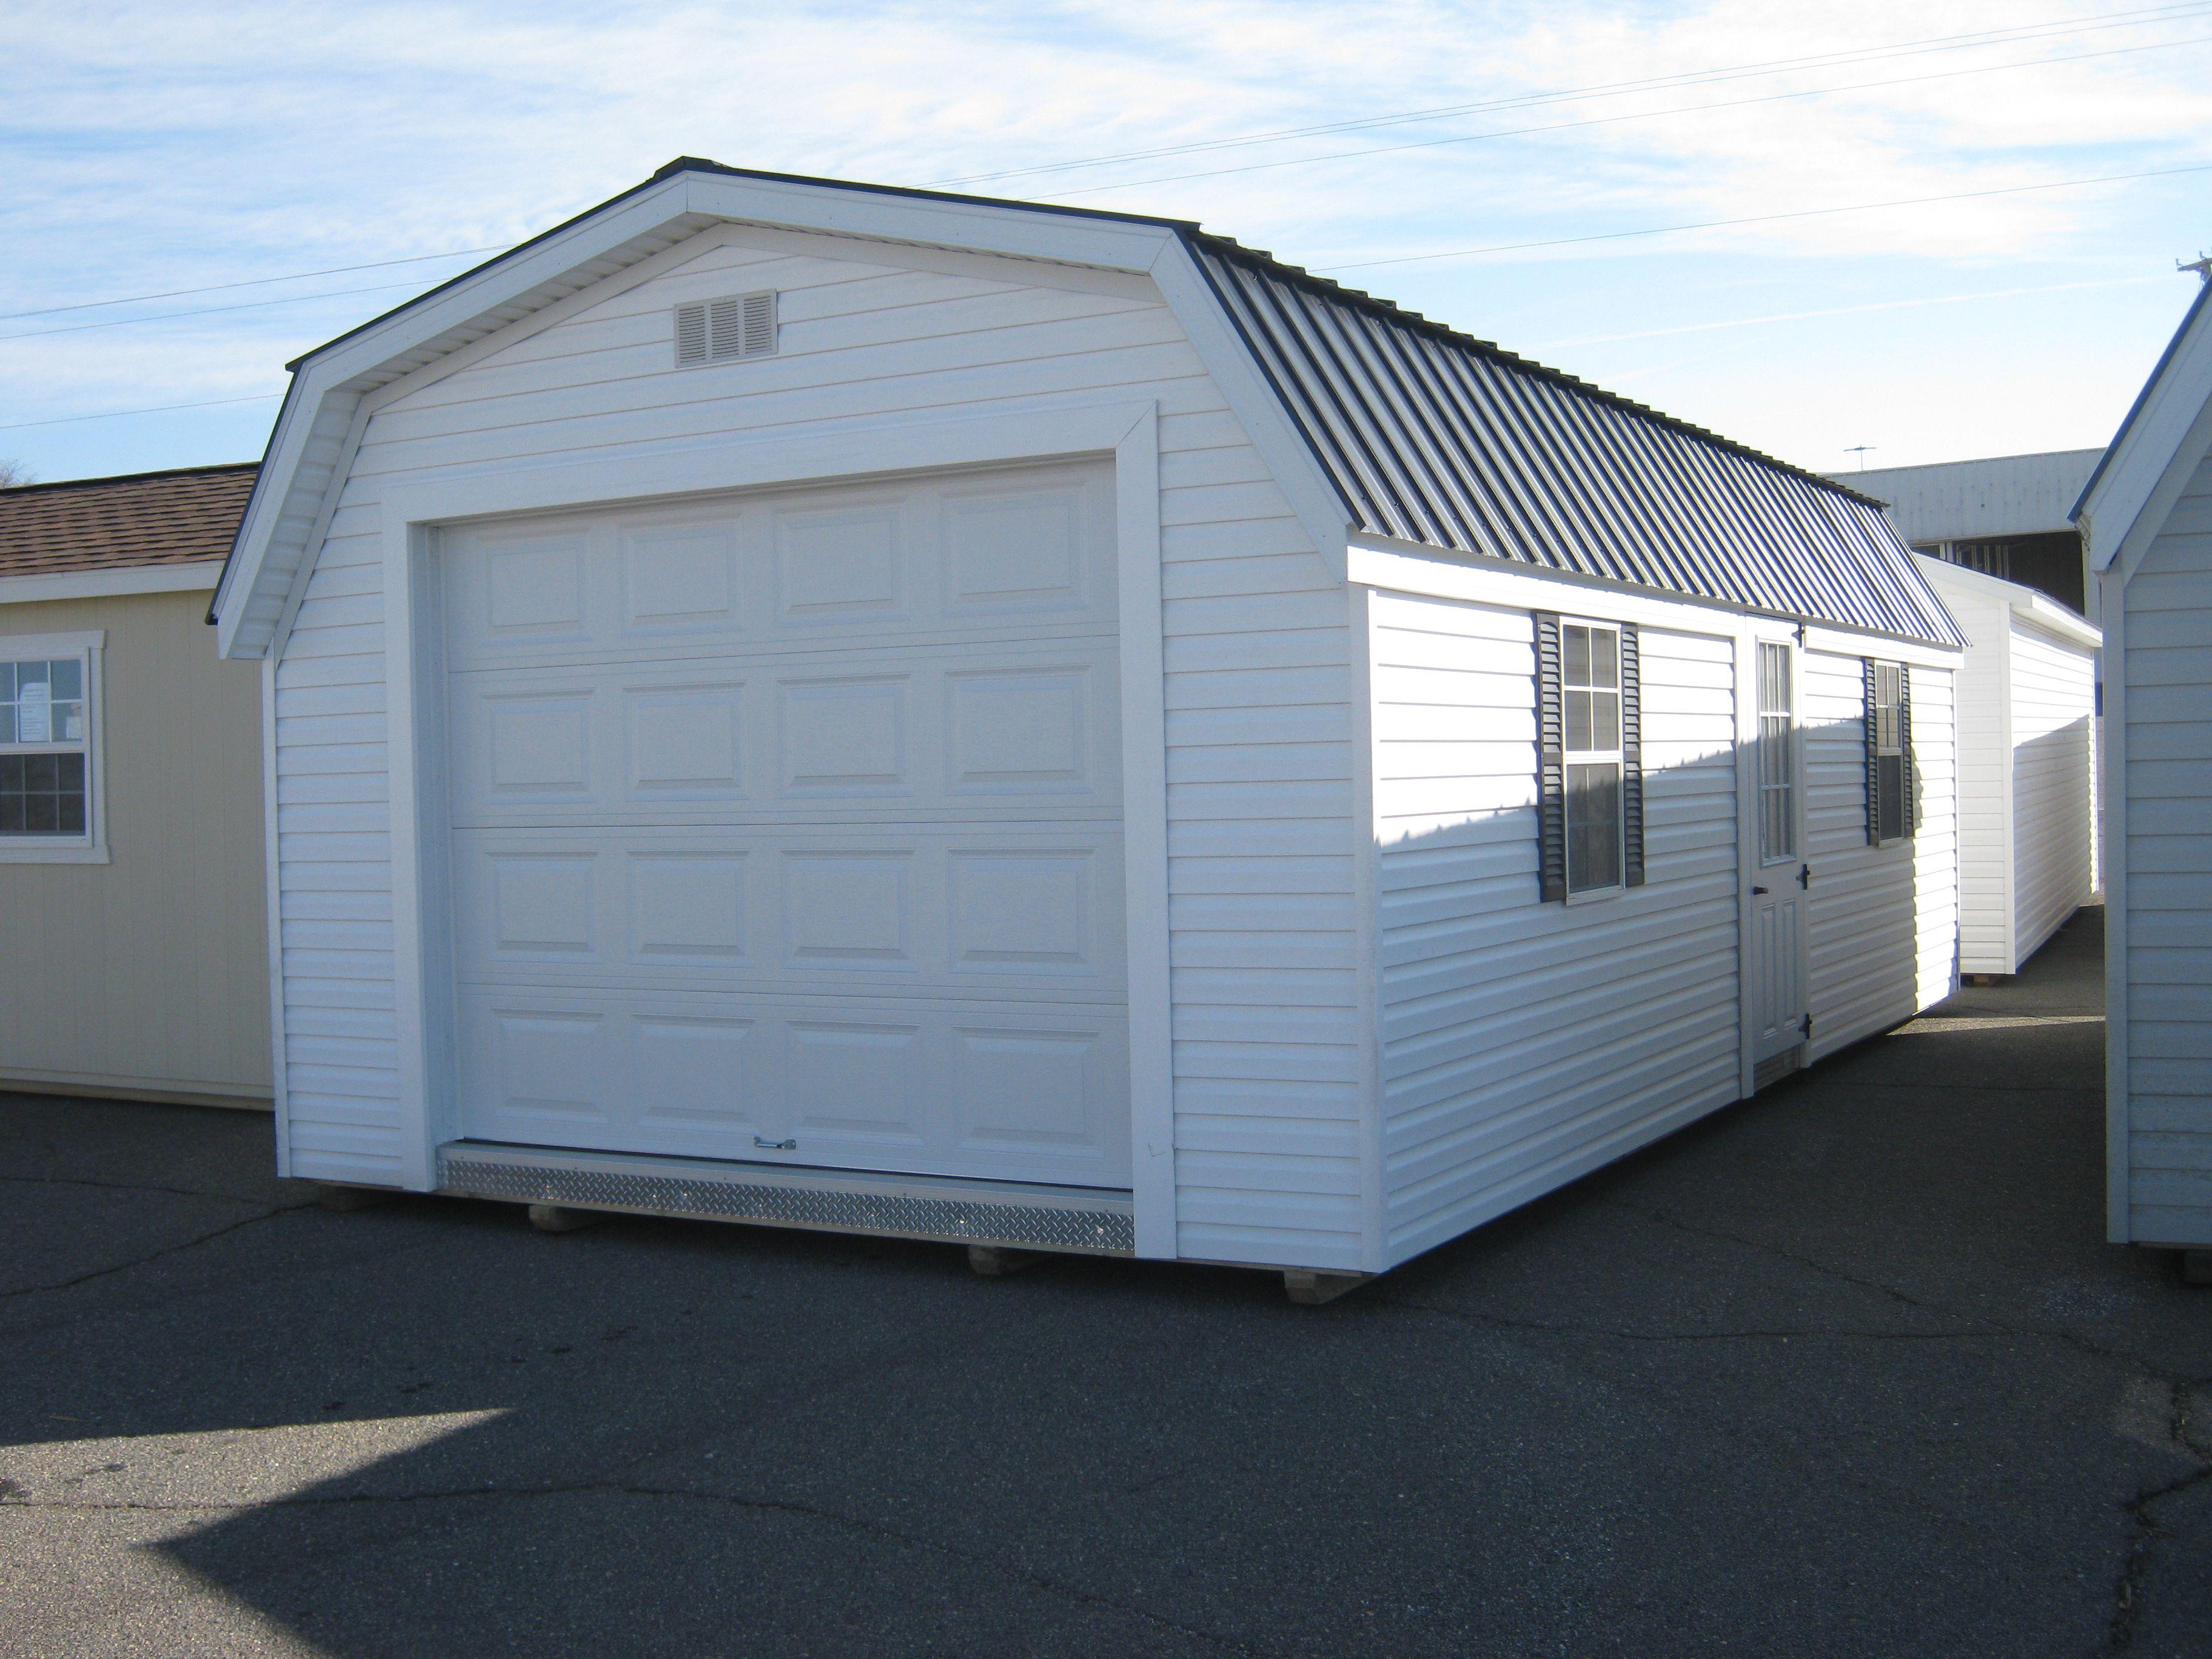 14x28 Vinyl Garage Sheds Direct Shed Built In Storage